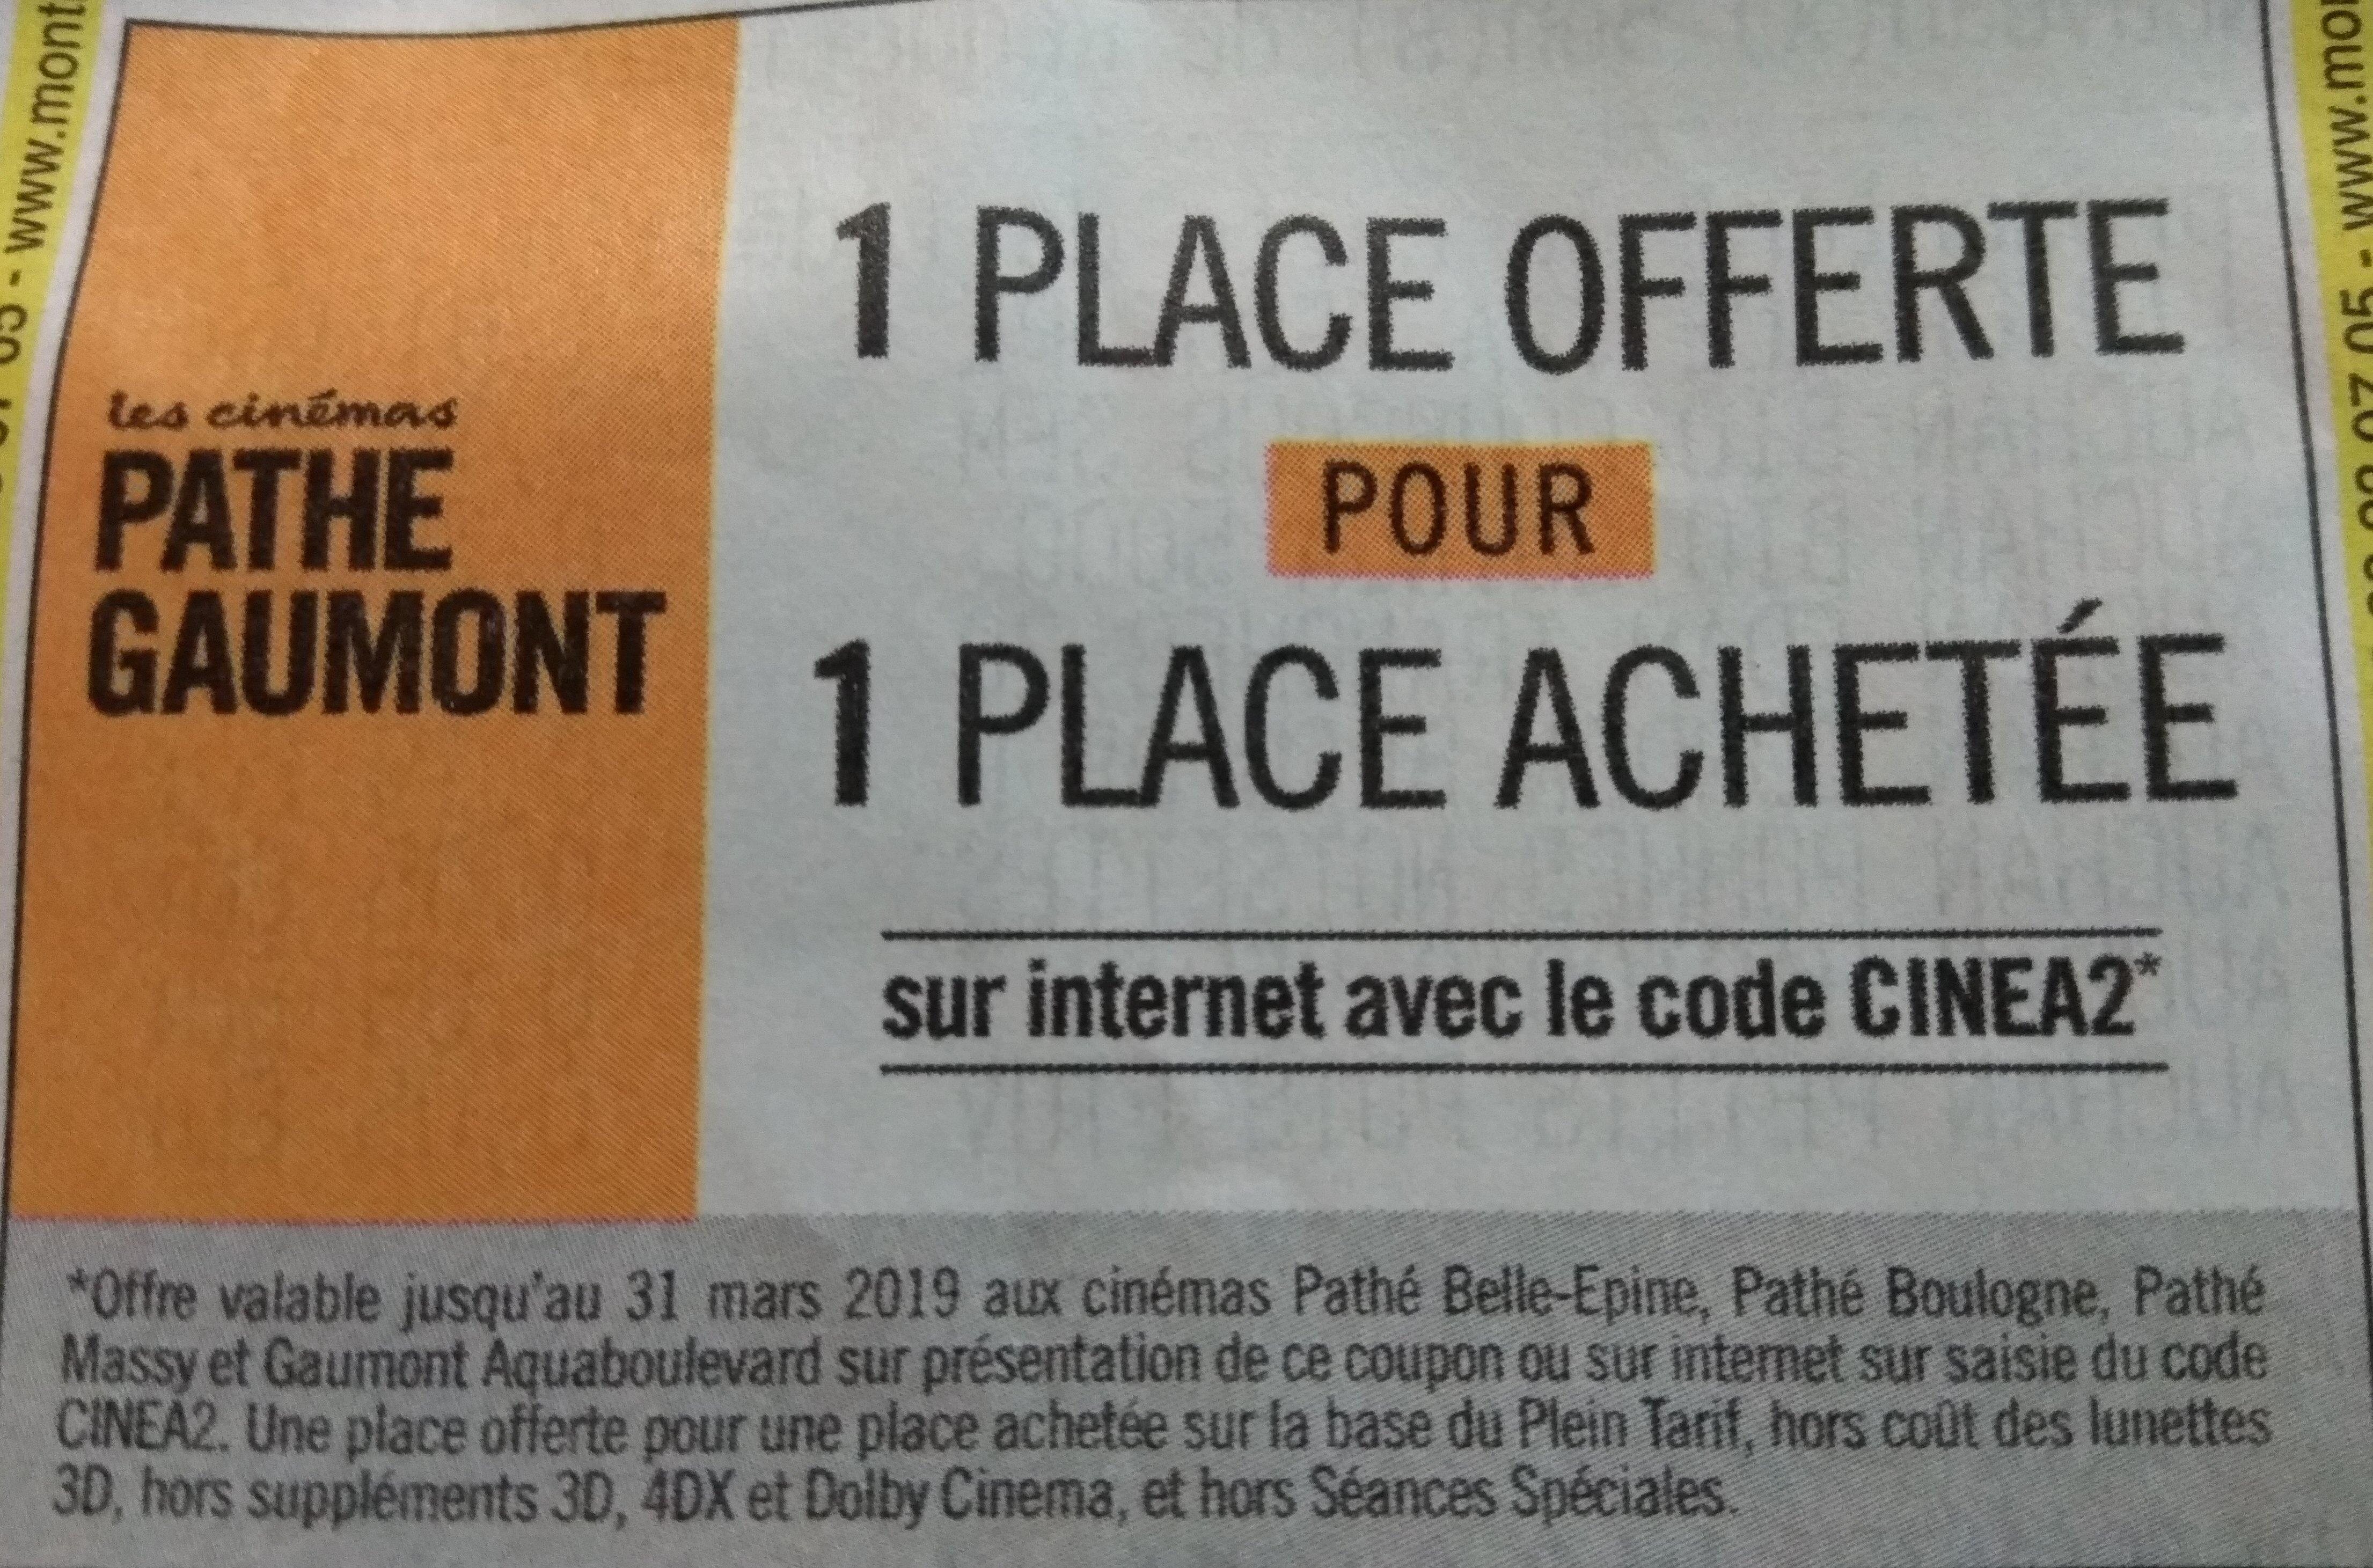 1 place de cinéma achetée = 1 place offerte - Île-de-France - Gaumont Pathé